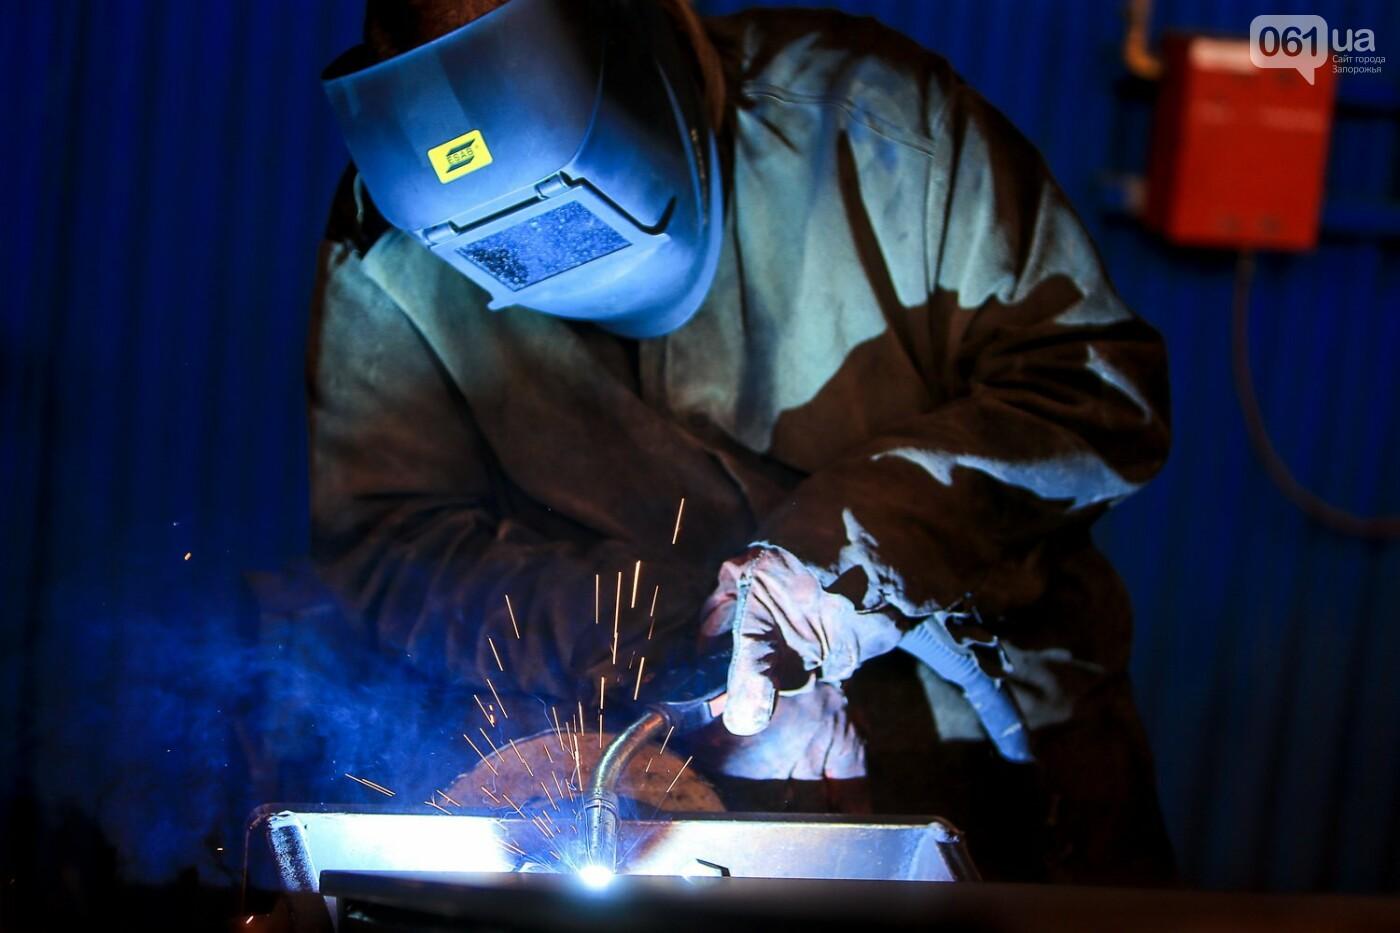 Как в Запорожье работает крупнейший в Европе завод по производству кранов: экскурсия на производство, — ФОТОРЕПОРТАЖ, фото-17